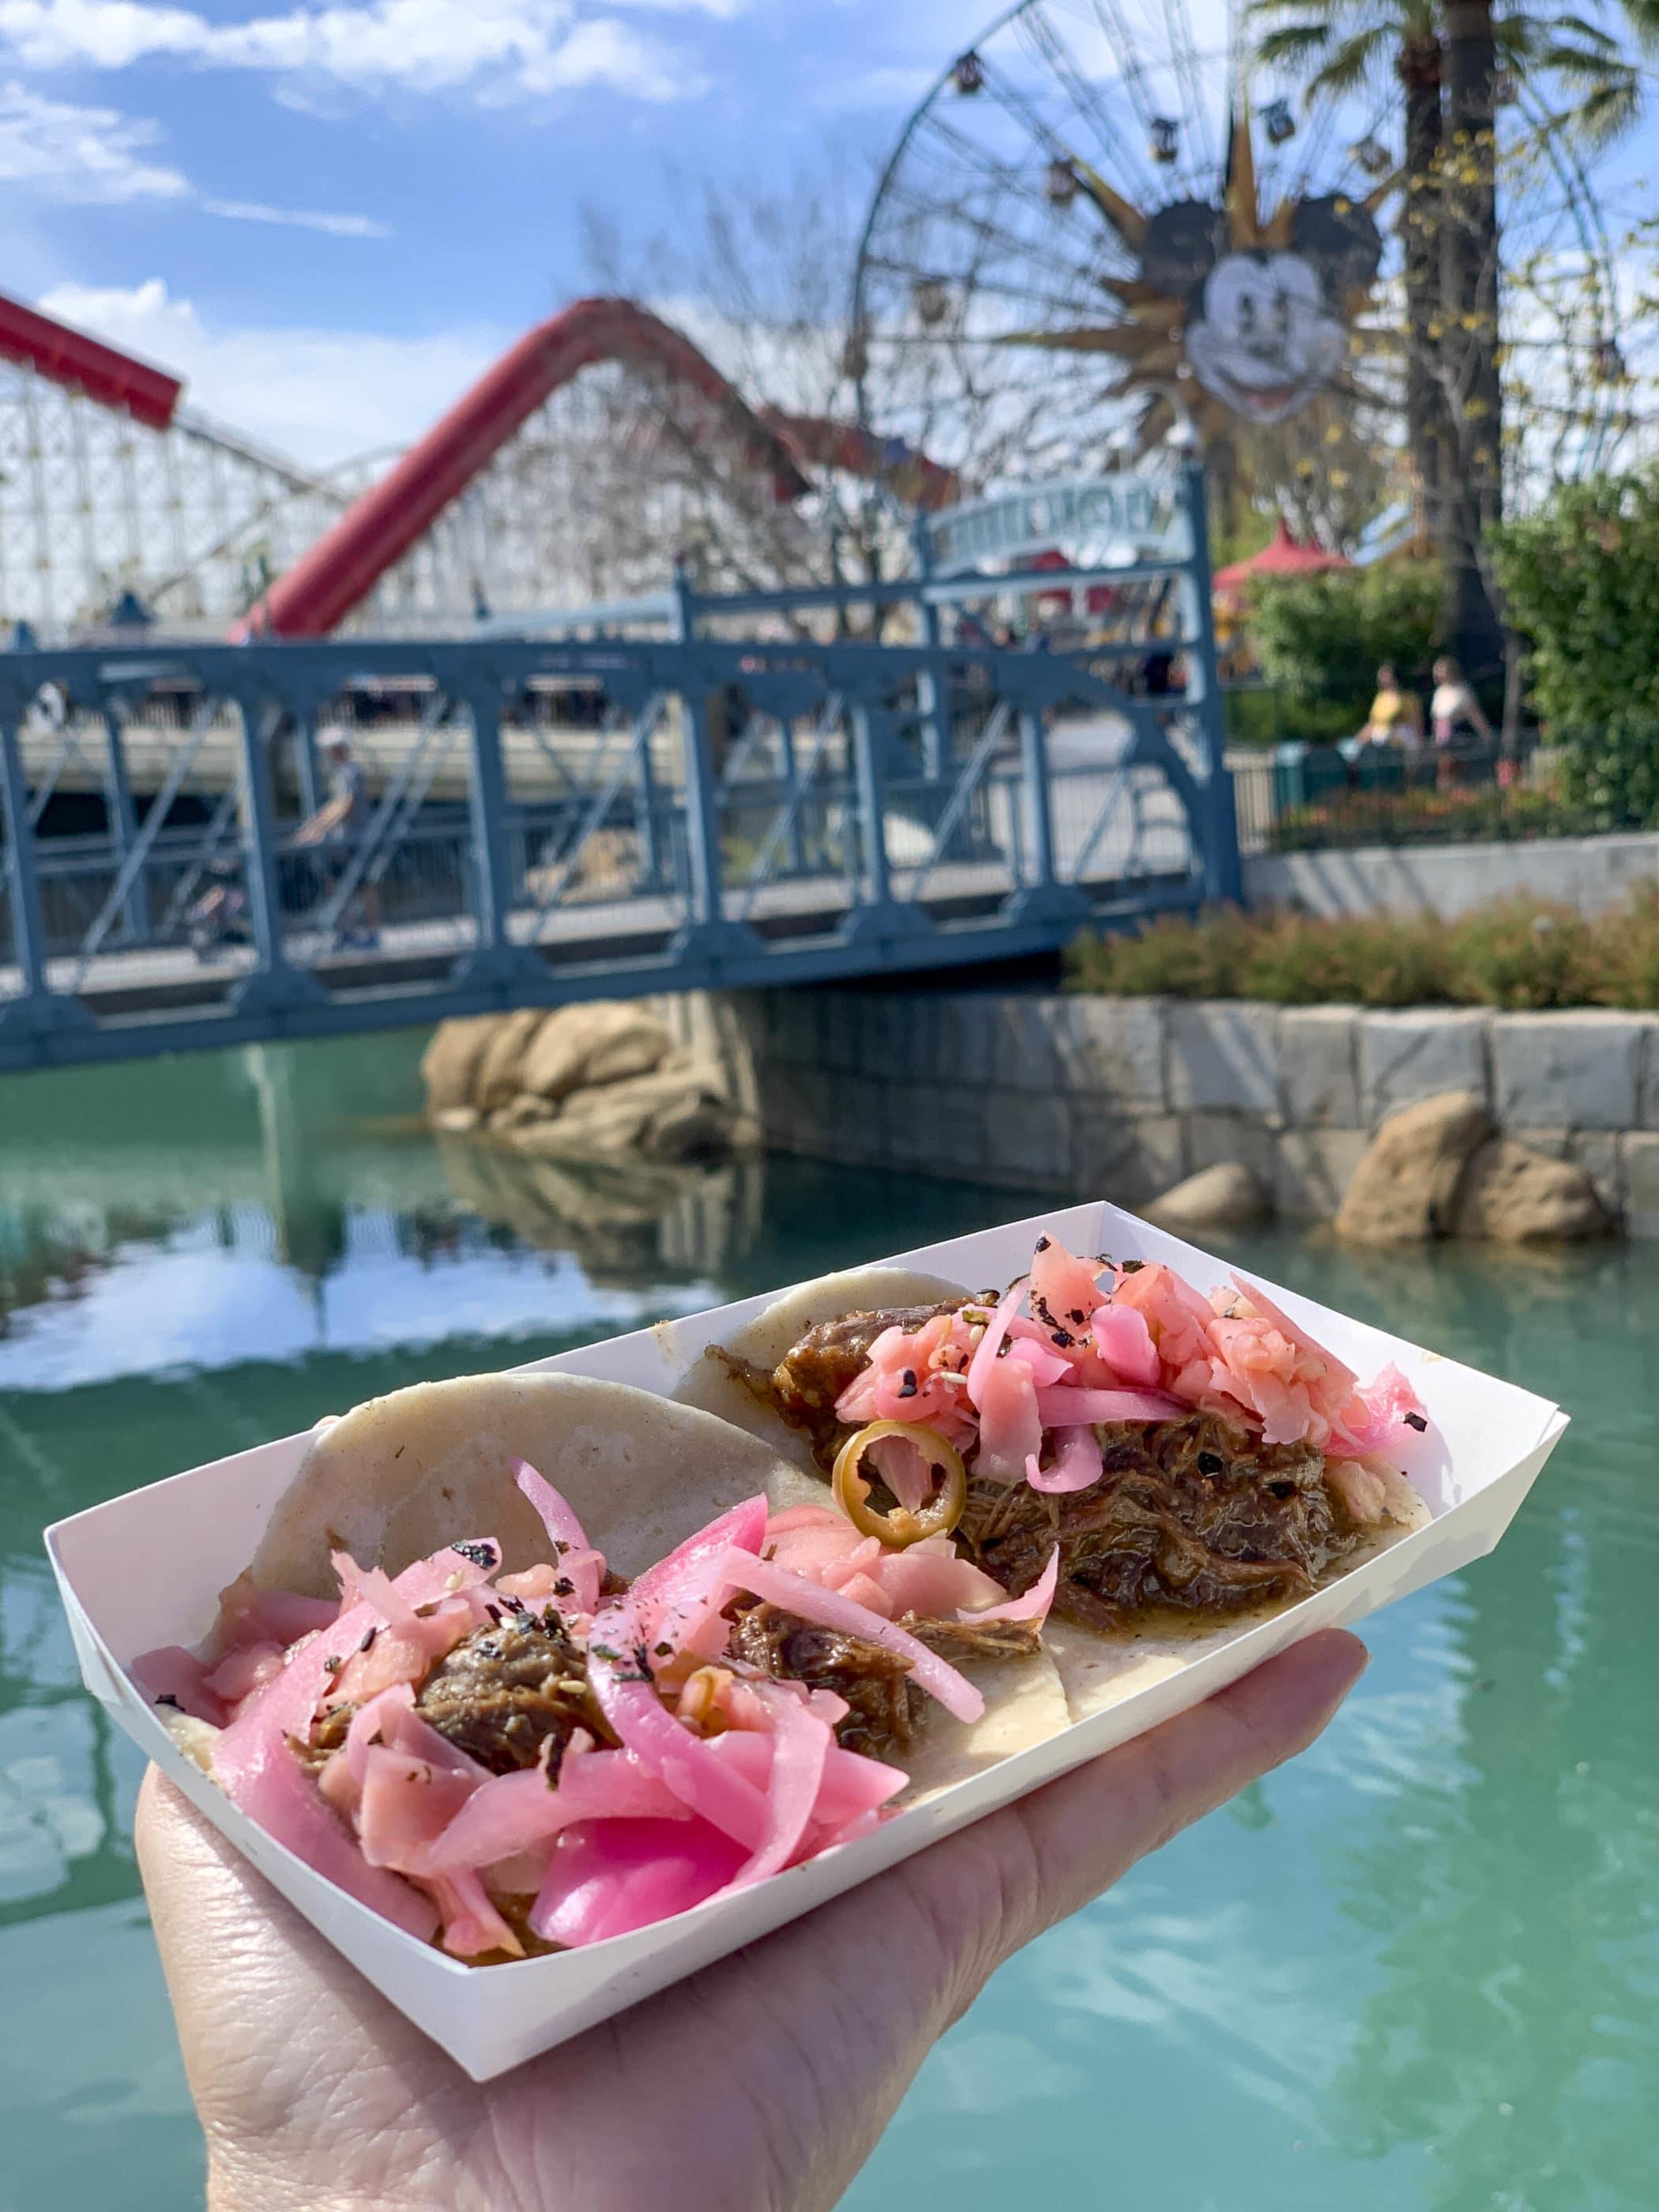 Tacos Barbacoa levés au-dessus de l'eau avec la grande roue Pixar Pal-A-Round en arrière-plan.